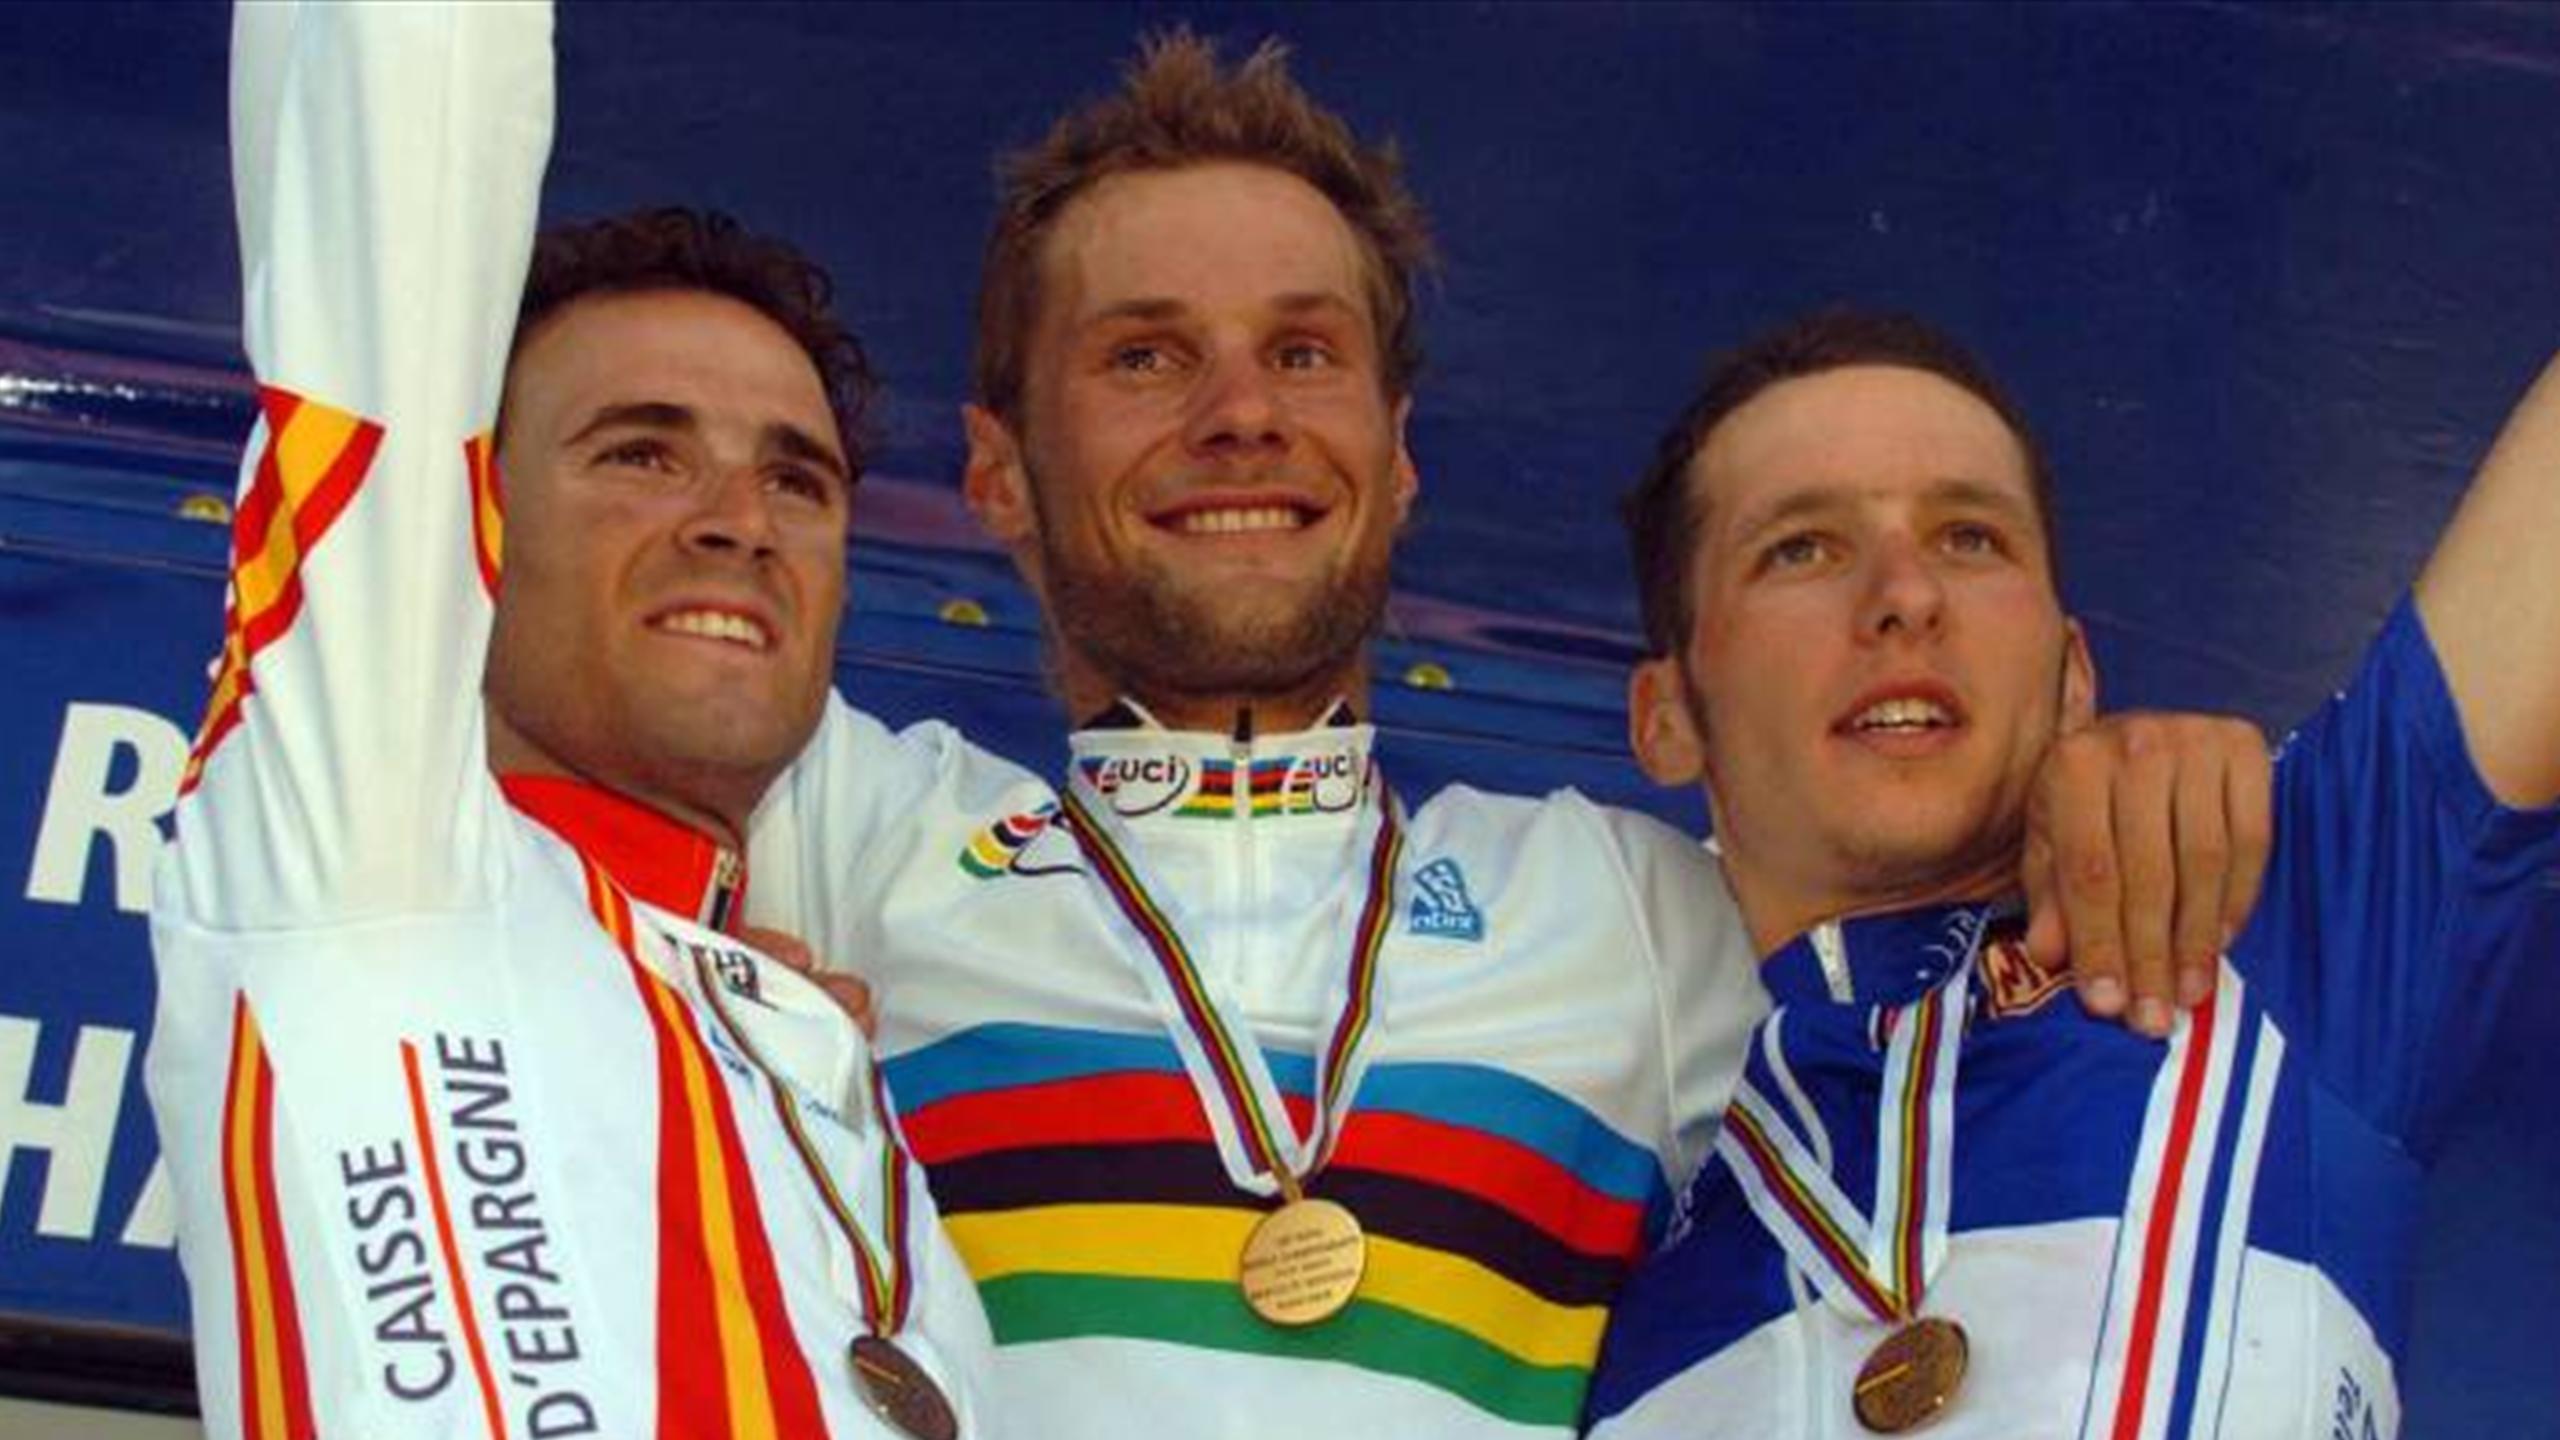 Le podium dees championnats du Monde 2005 à Madrid, où Alejandro Valverde (Espagne) encadre le champion du monde Tom Boonen (Belgique) avec le Français, Anthony Geslin (France), 3e.